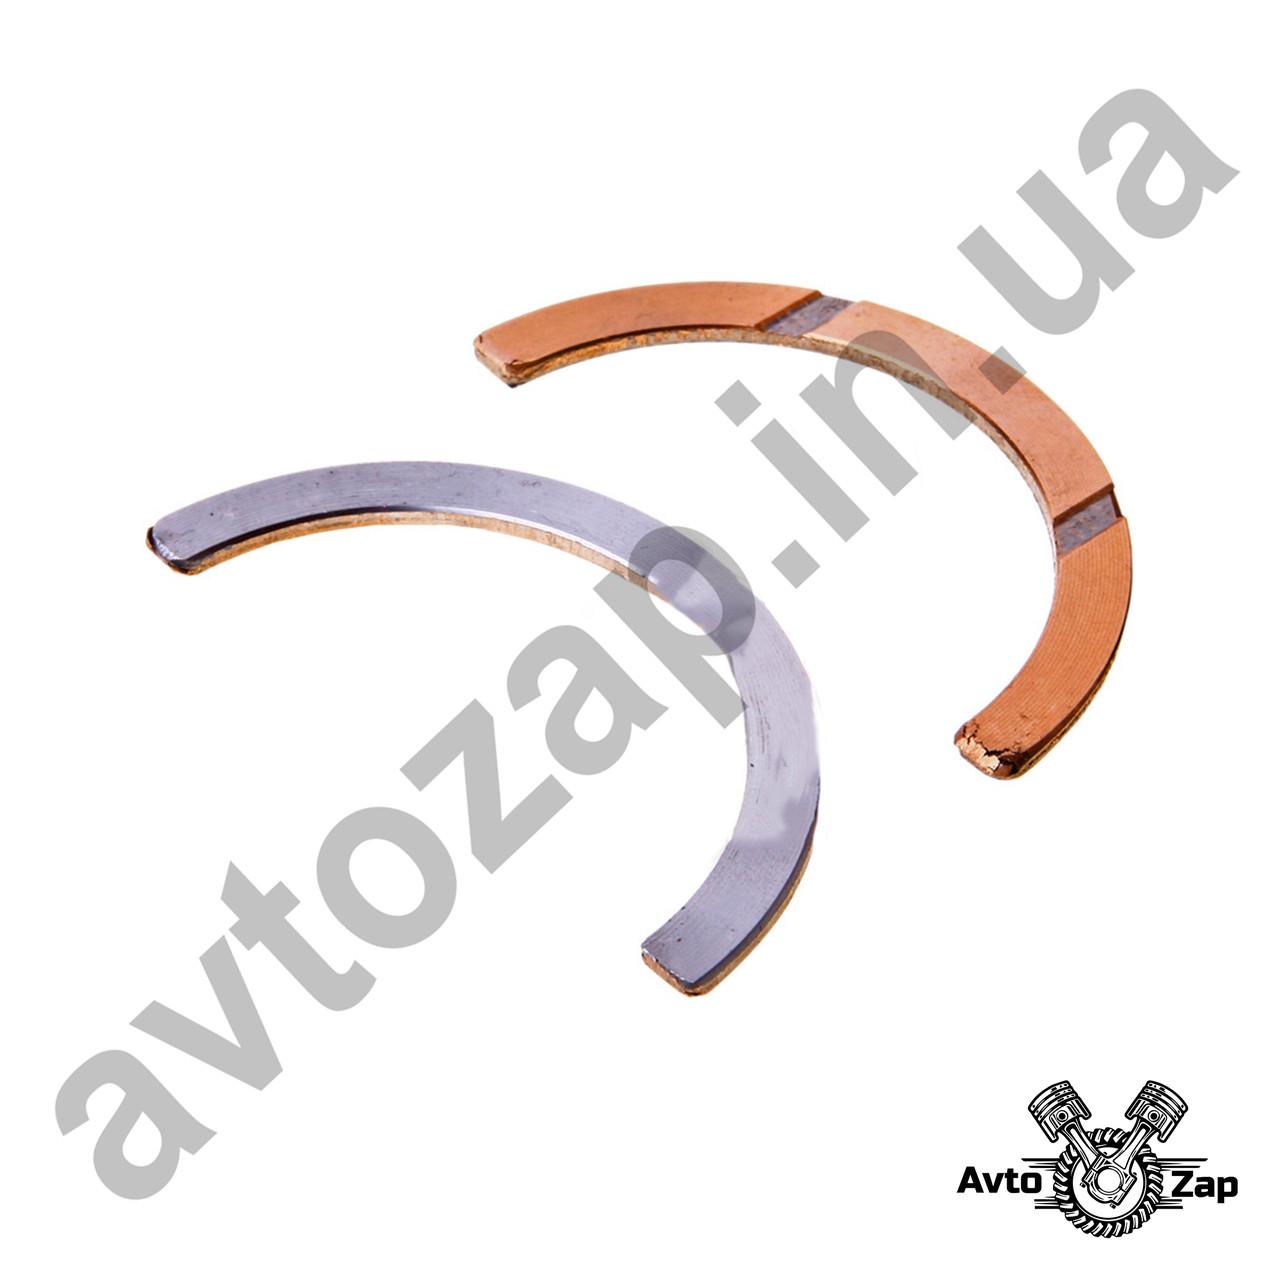 Полукольцо вала коленчатого  ВАЗ 2101-07 (Стандарт 2,3) к-т.     02567